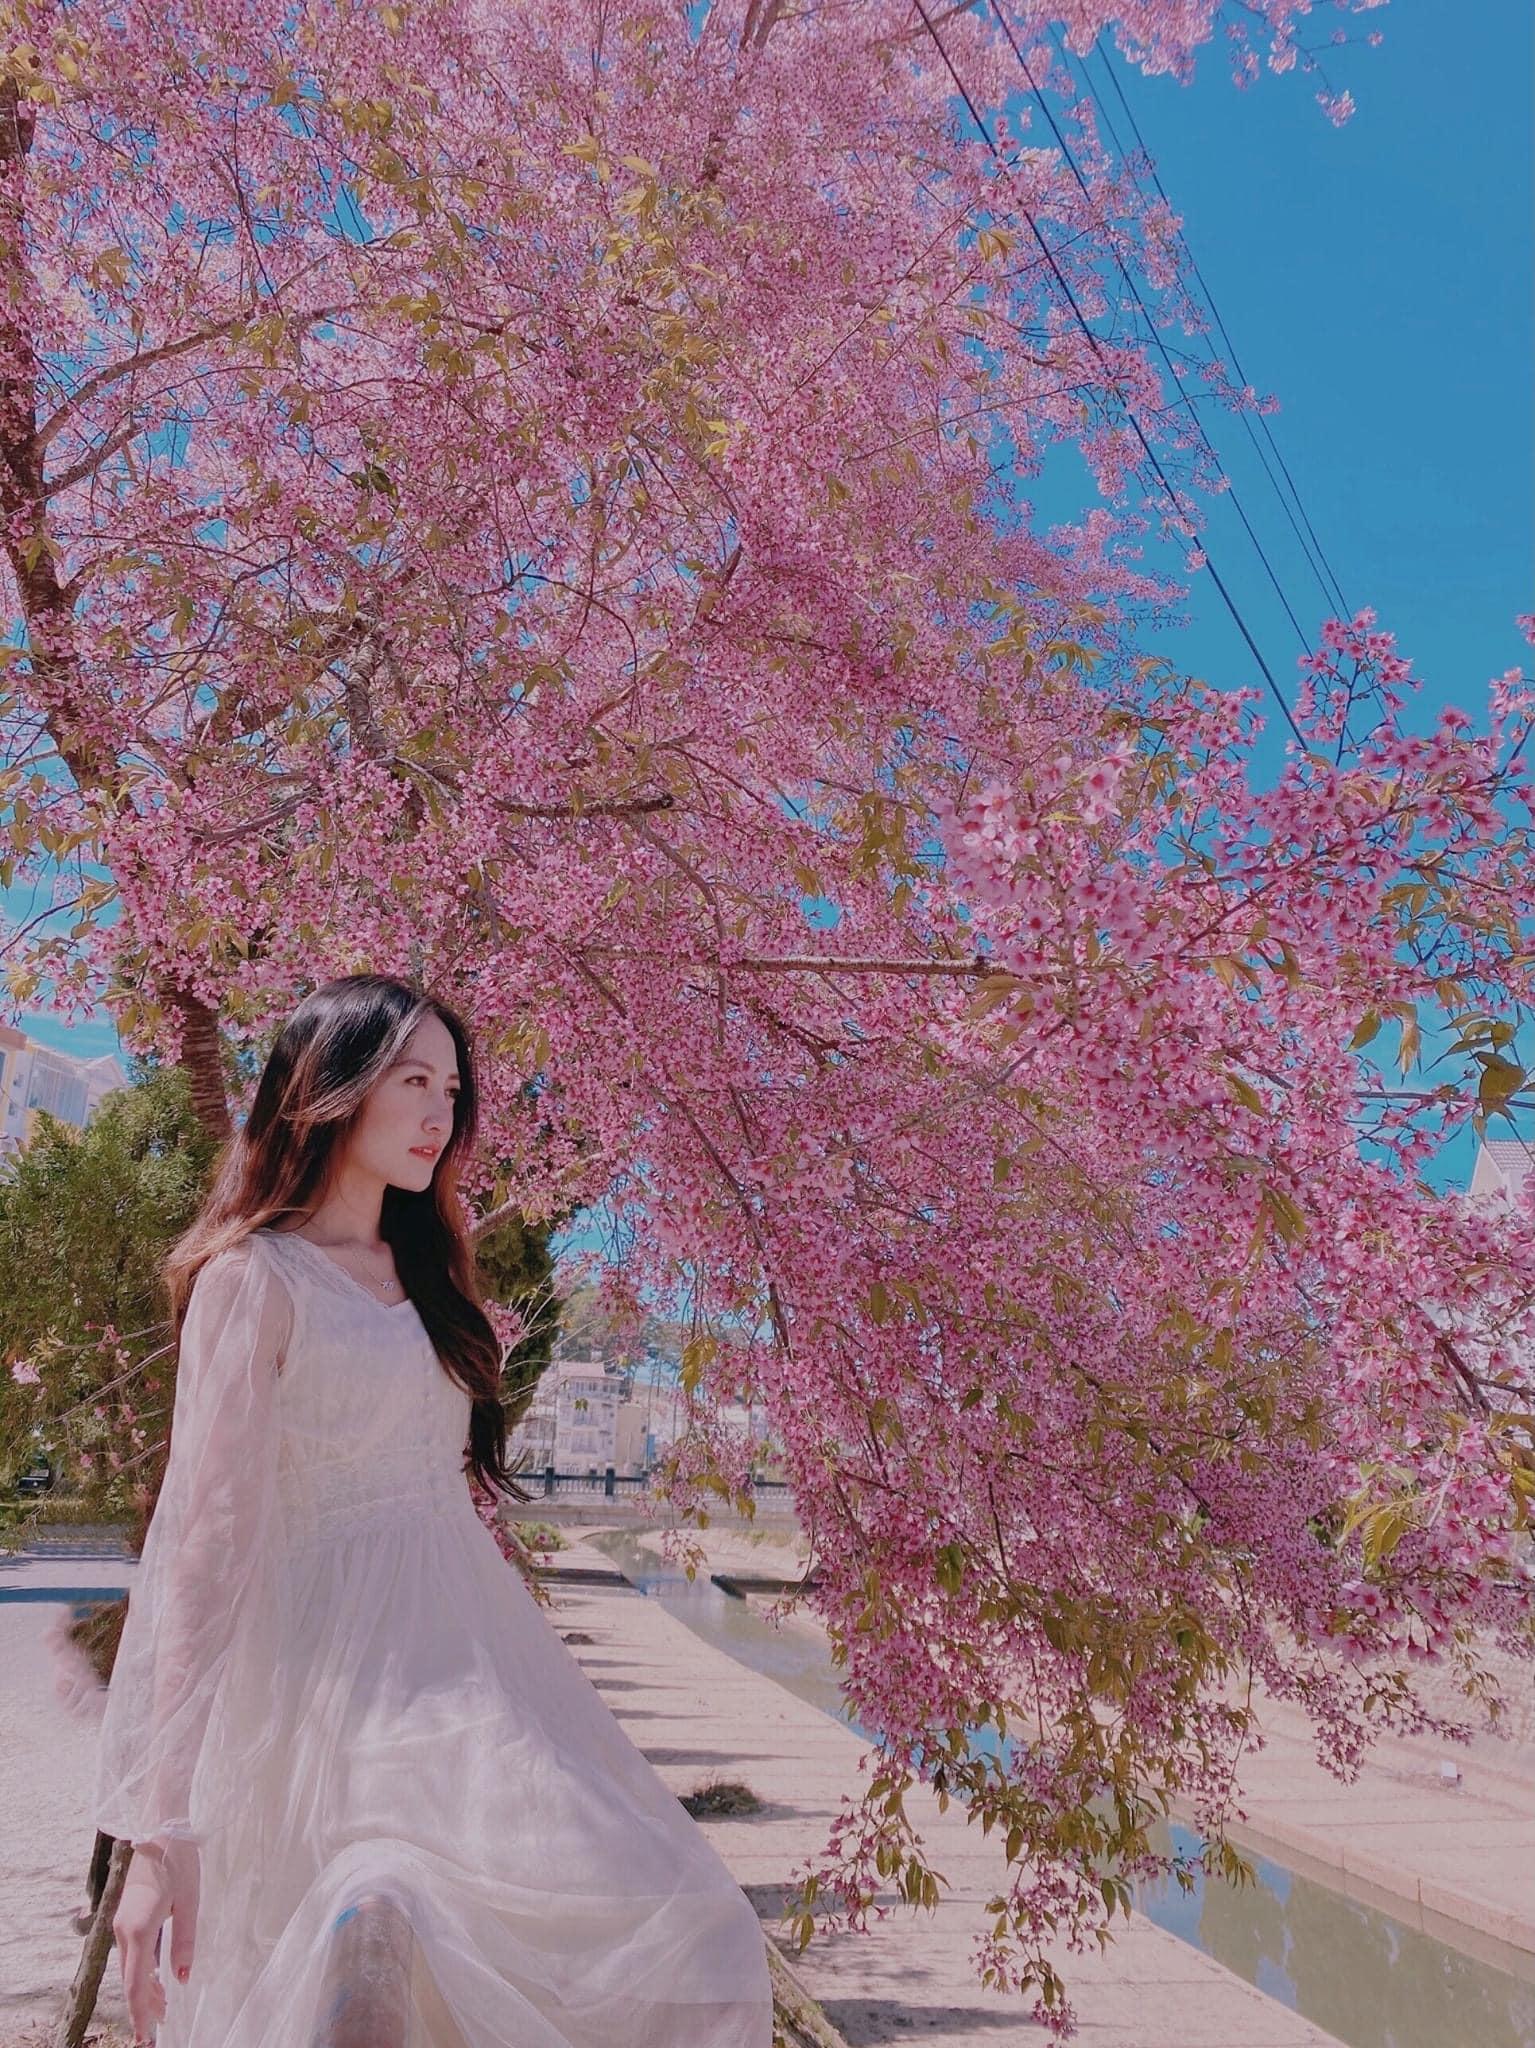 Những địa điểm ngắm hoa nổi tiếng trong mùa mai anh đào ở Đà Lạt  - Ảnh 1.